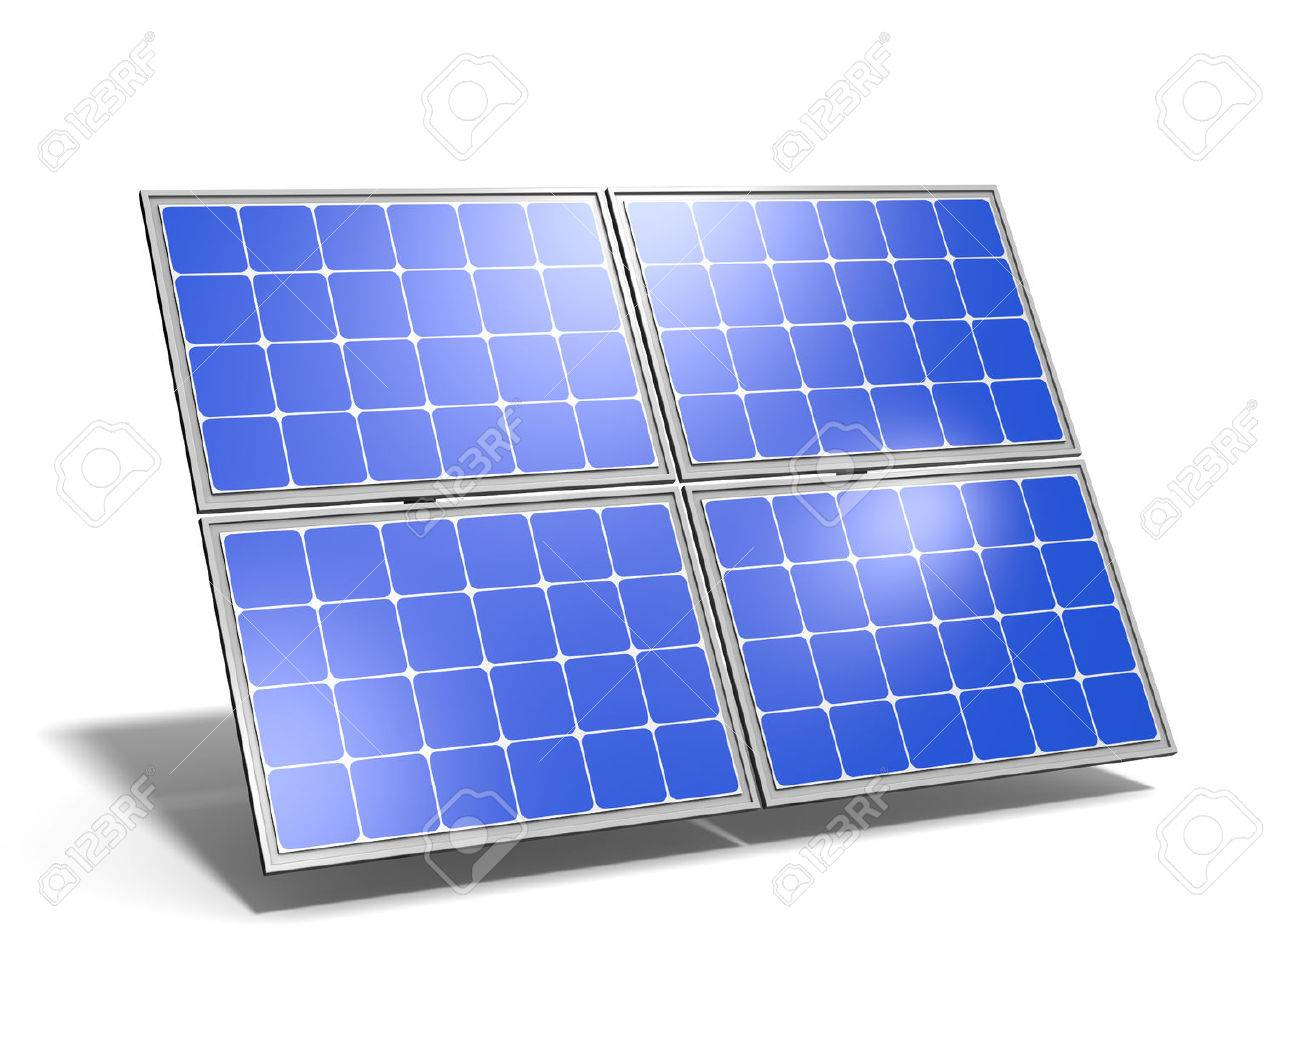 1 つの太陽電池パネル ホワイト バック グラウンド 3 D イラストを青空の